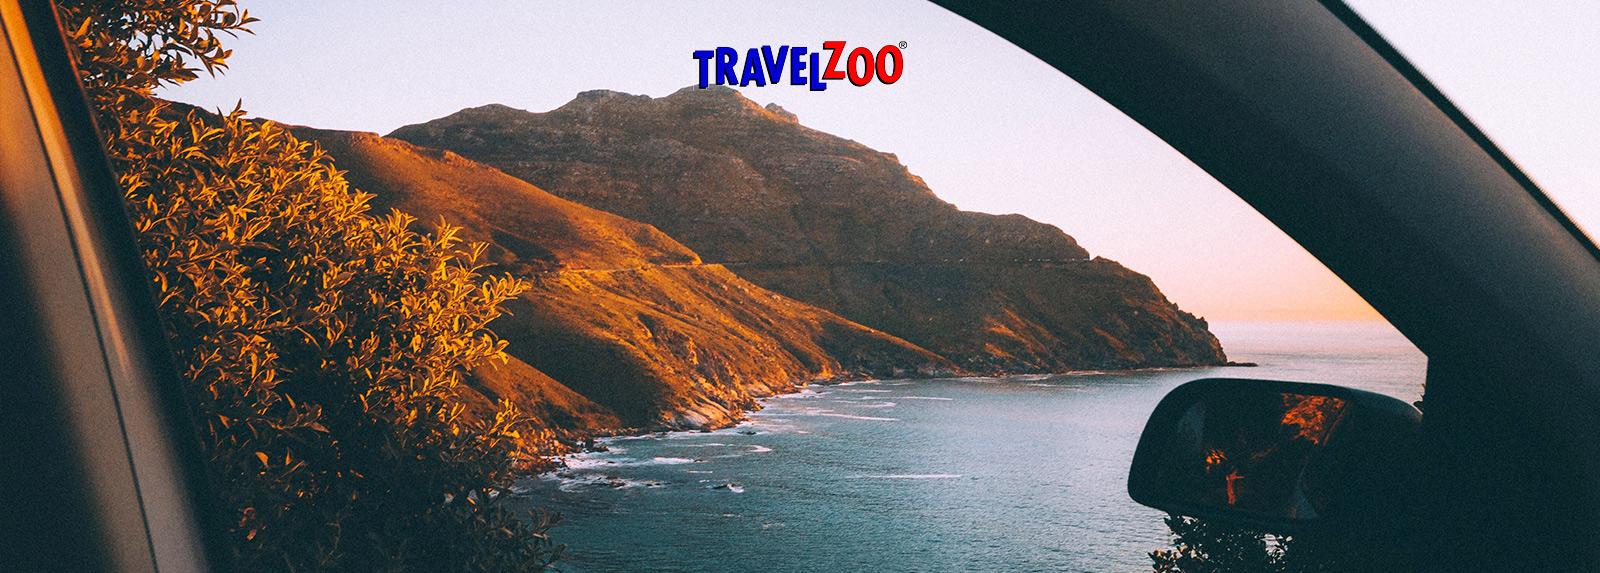 Travelzoo y Budget se unen para ofrecer ventajas exclusivas a sus clientes.